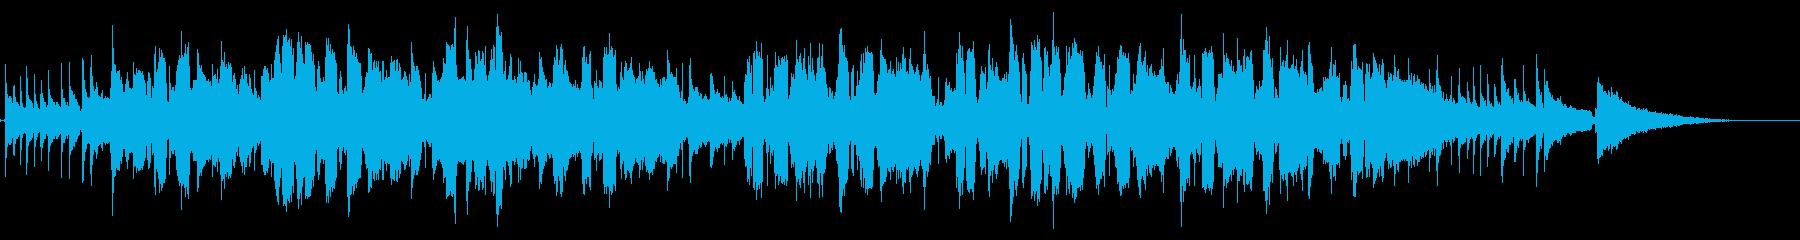 しゃぶしゃぶをテーマにした楽曲の再生済みの波形